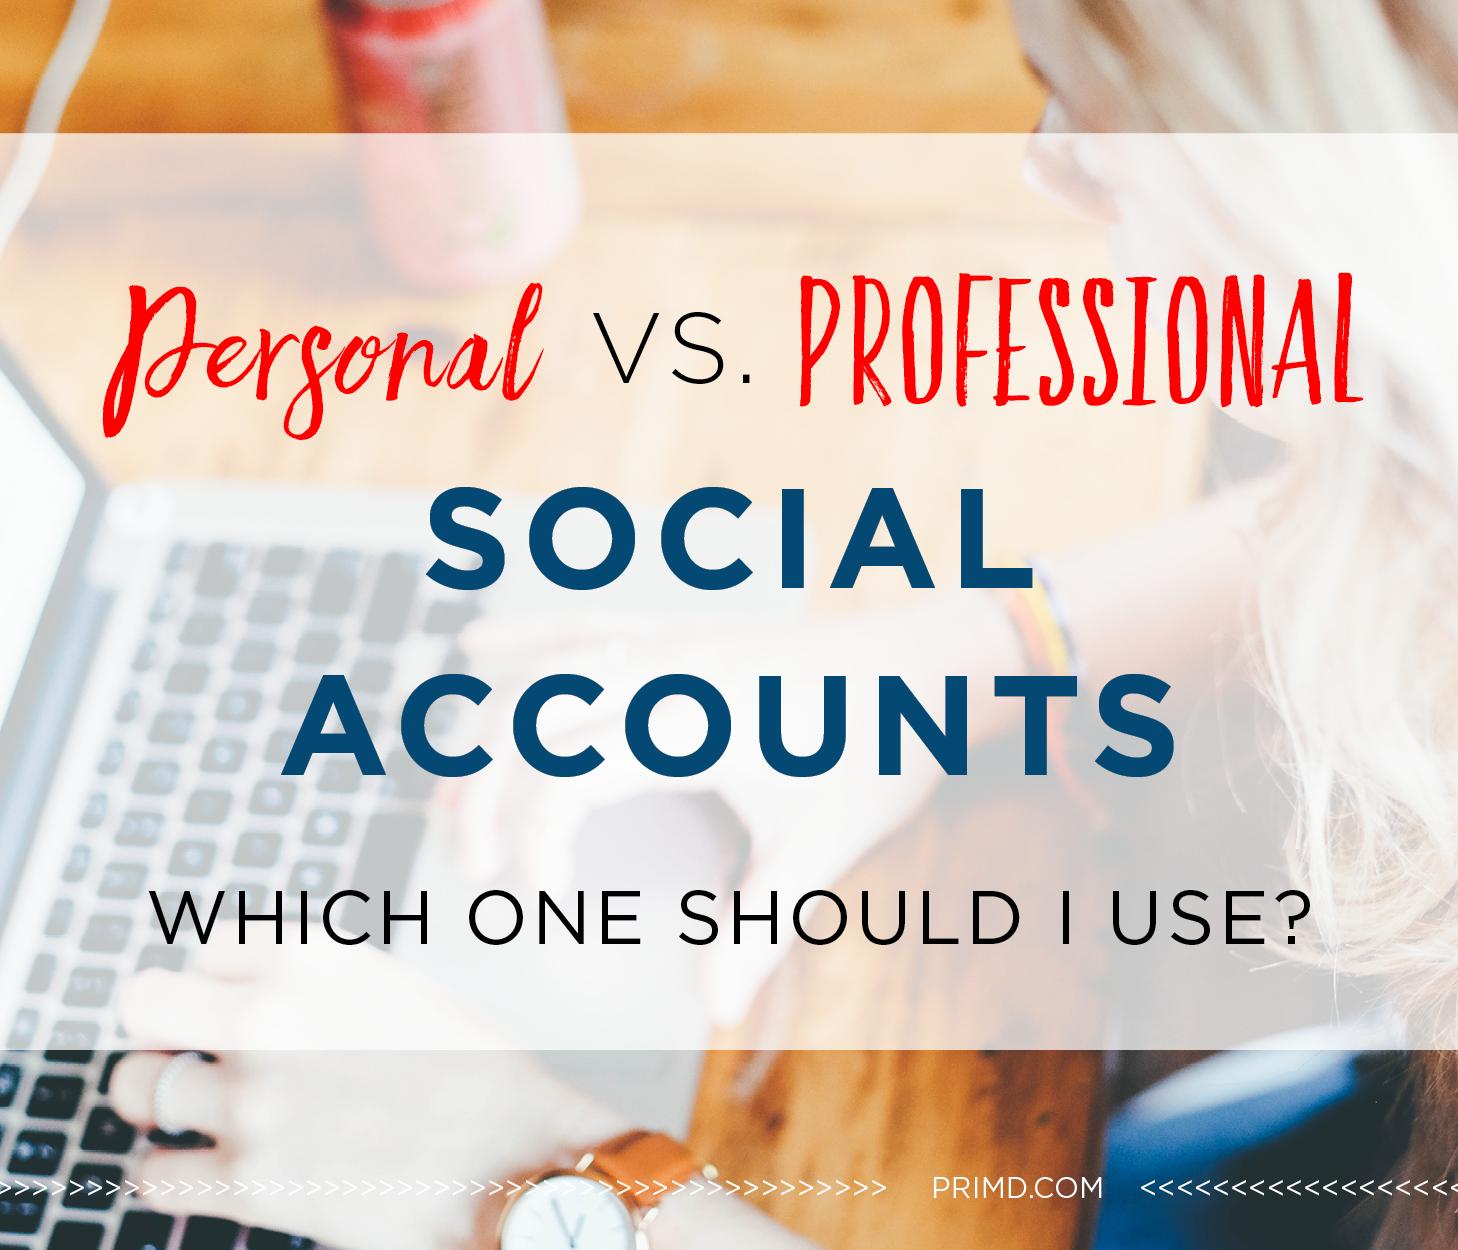 A Personal Vs Professional Social Account